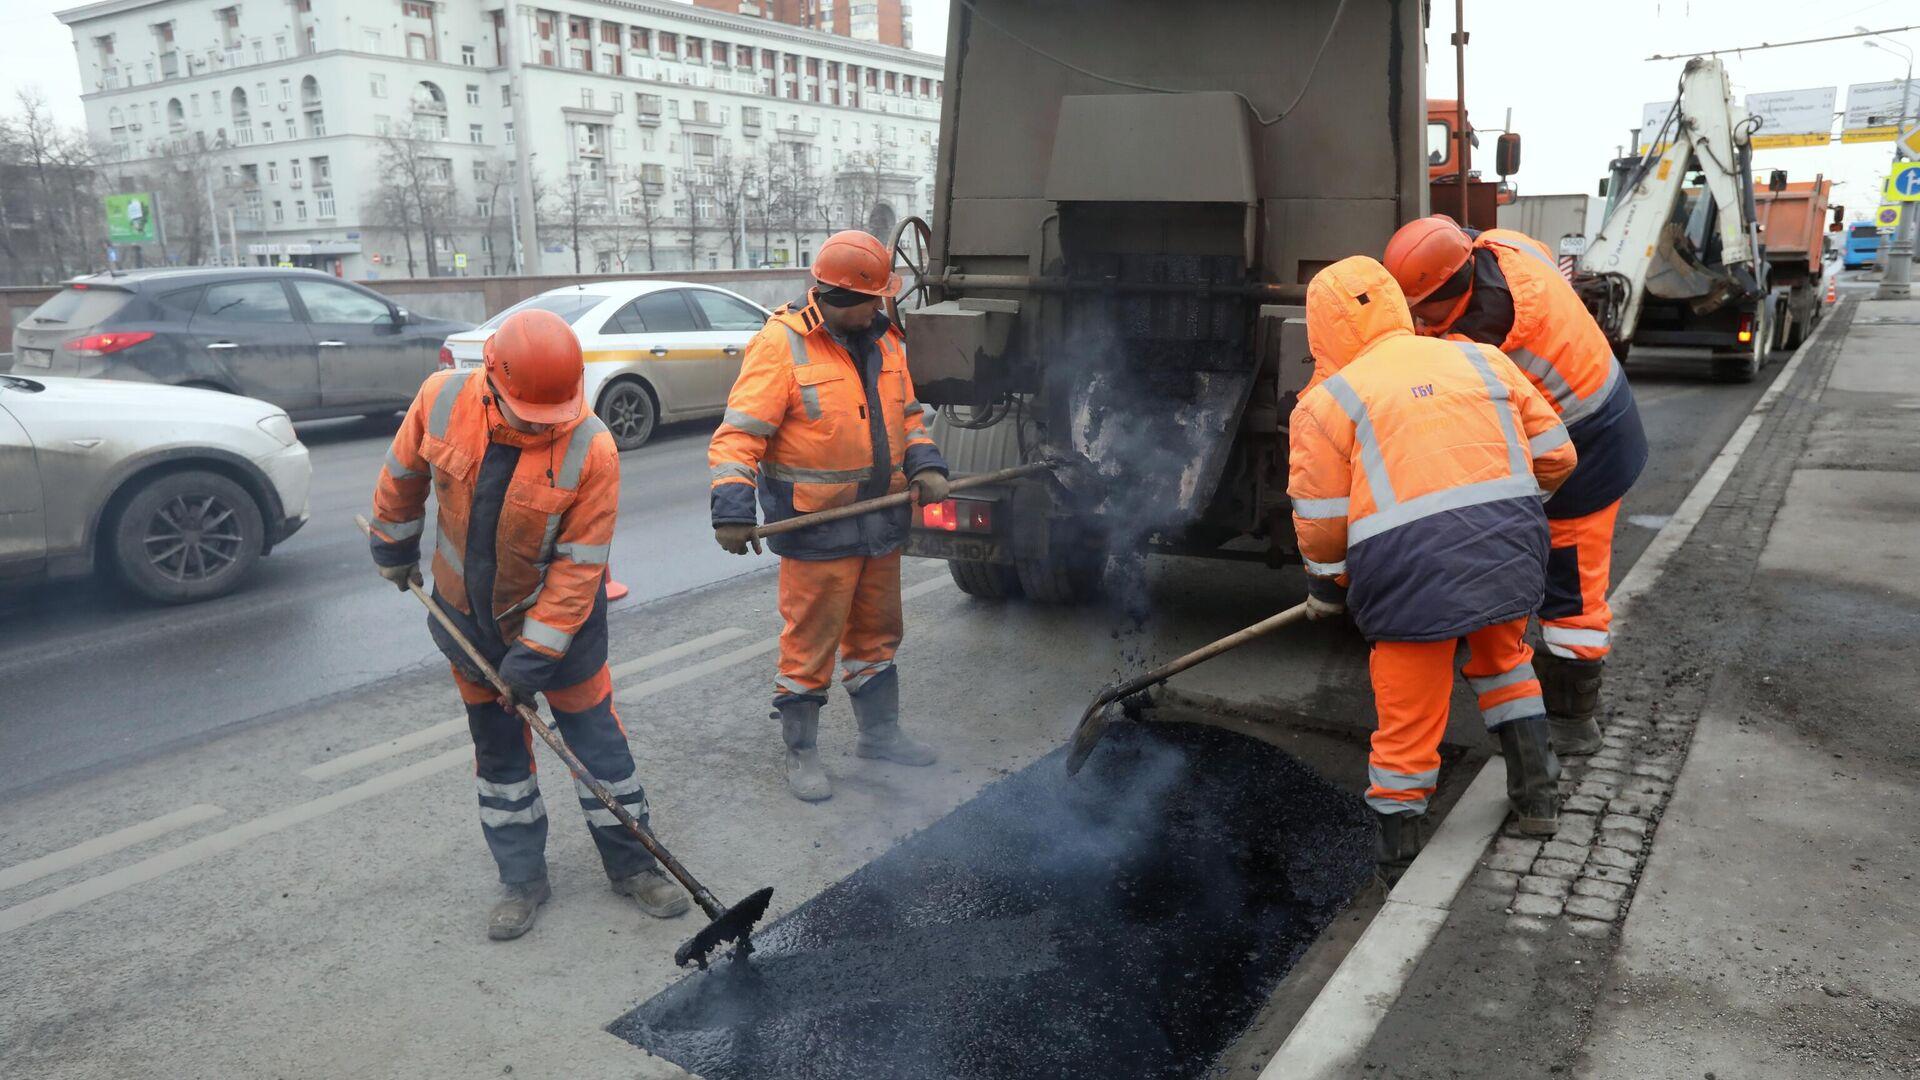 Рабочие бригады ГБУ Автомобильные дороги проводят латочный ремонт дорожного покрытия в Москве - РИА Новости, 1920, 30.06.2021